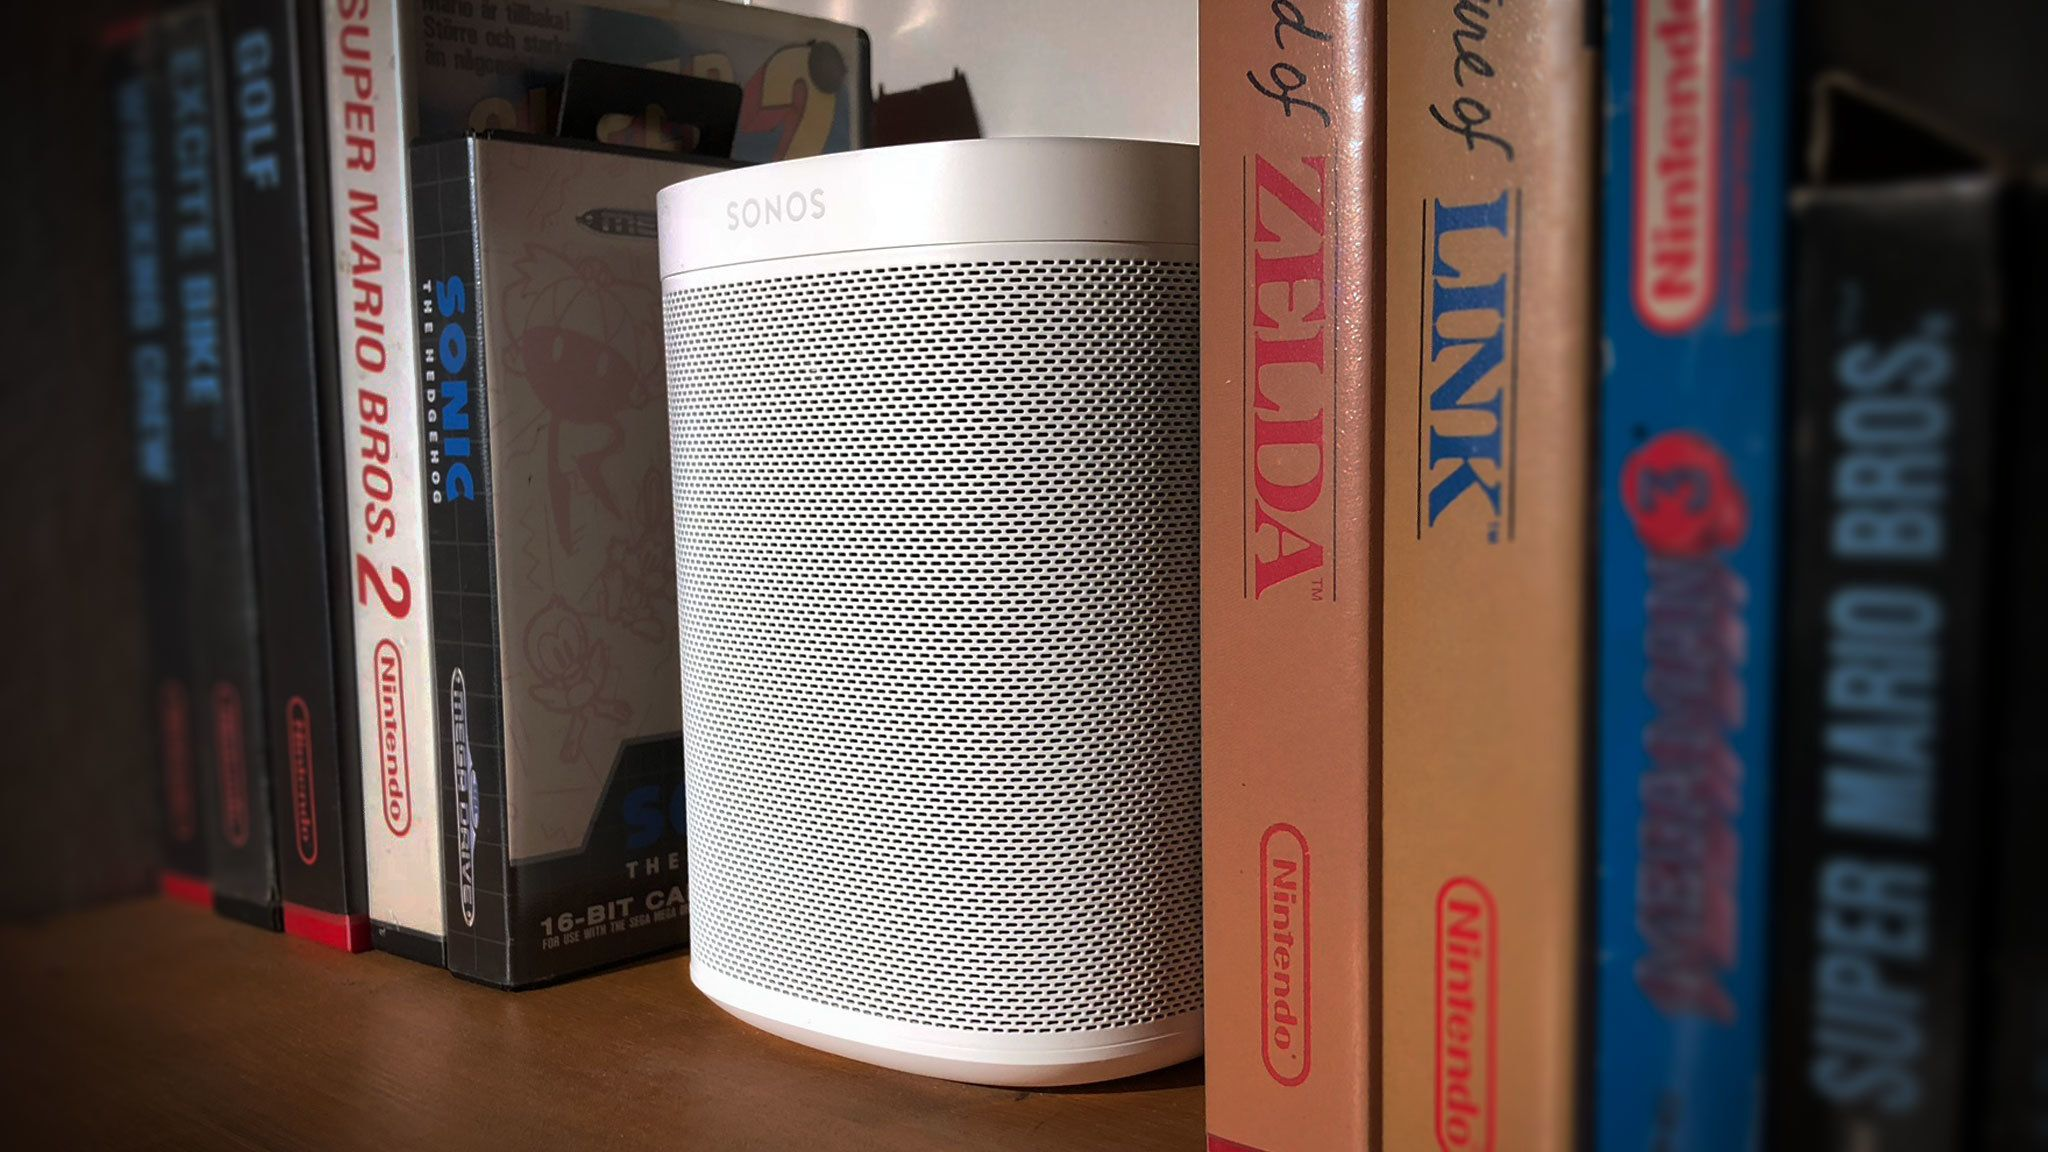 One-høyttaleren er ett av mange Sonos-produkter som får tilgang på Google Assistent med en oppdatering som rulles ut nå.